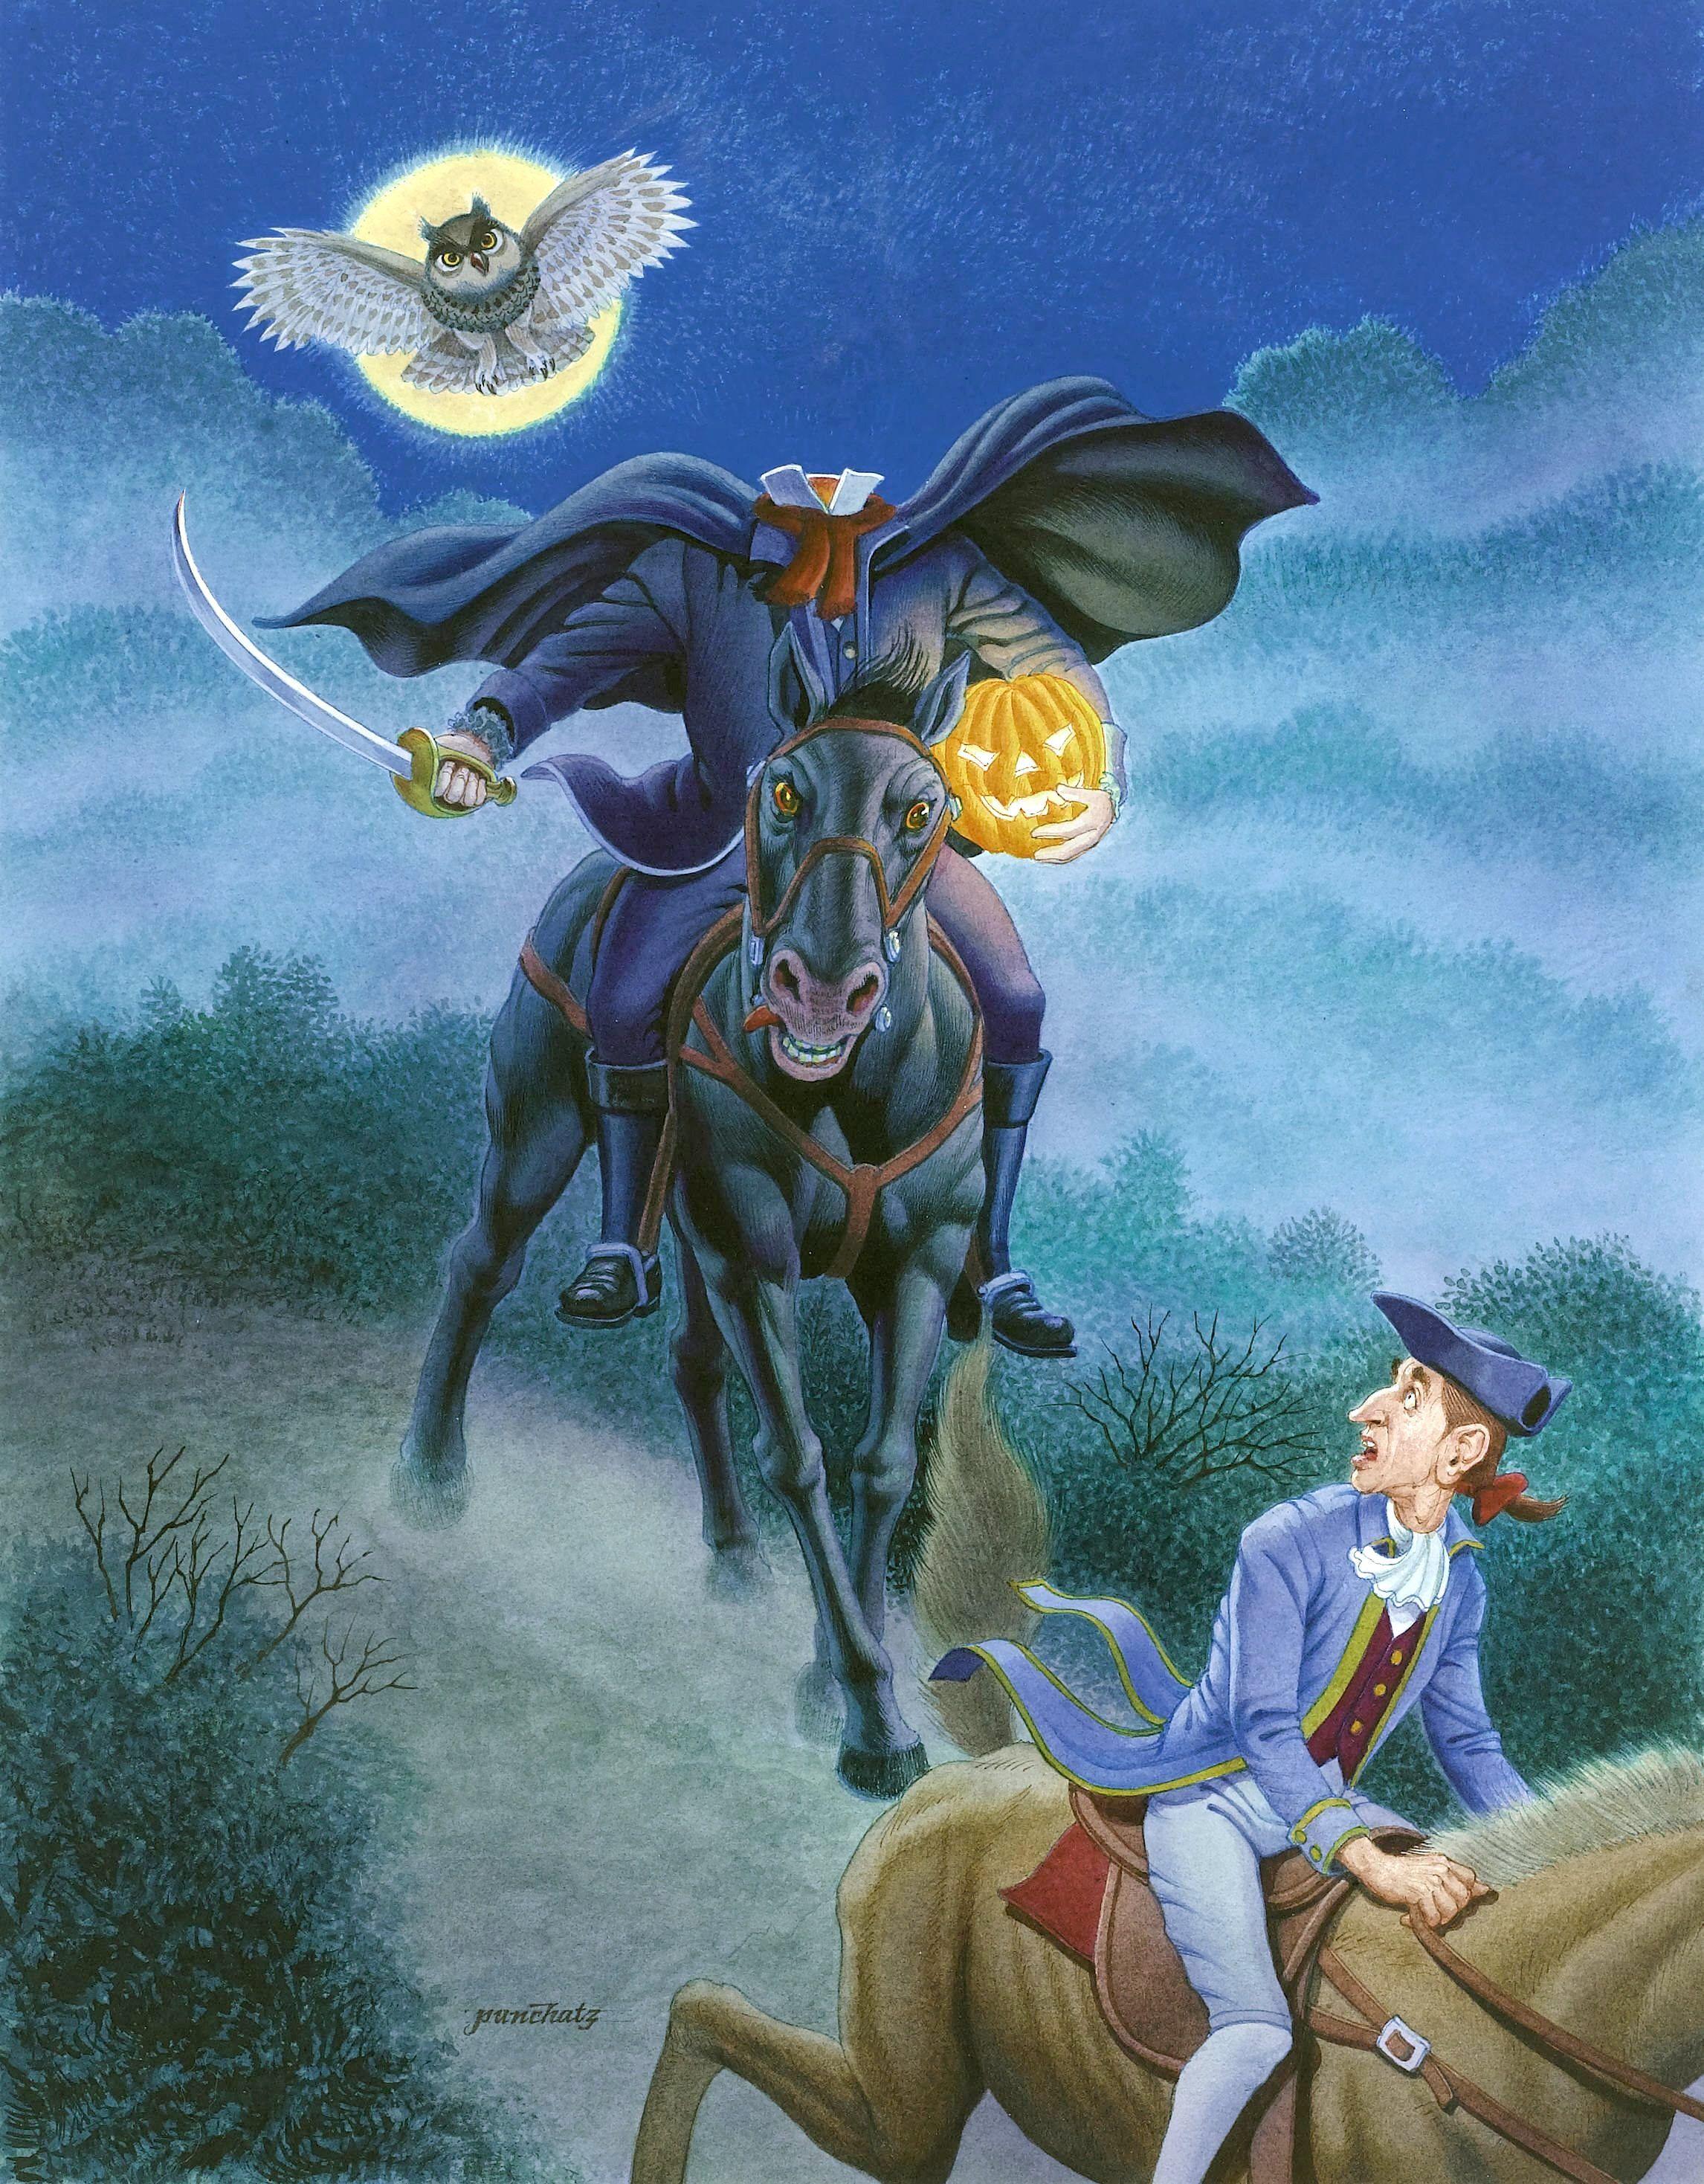 Headless Horseman: ana karakterler, kısa açıklama